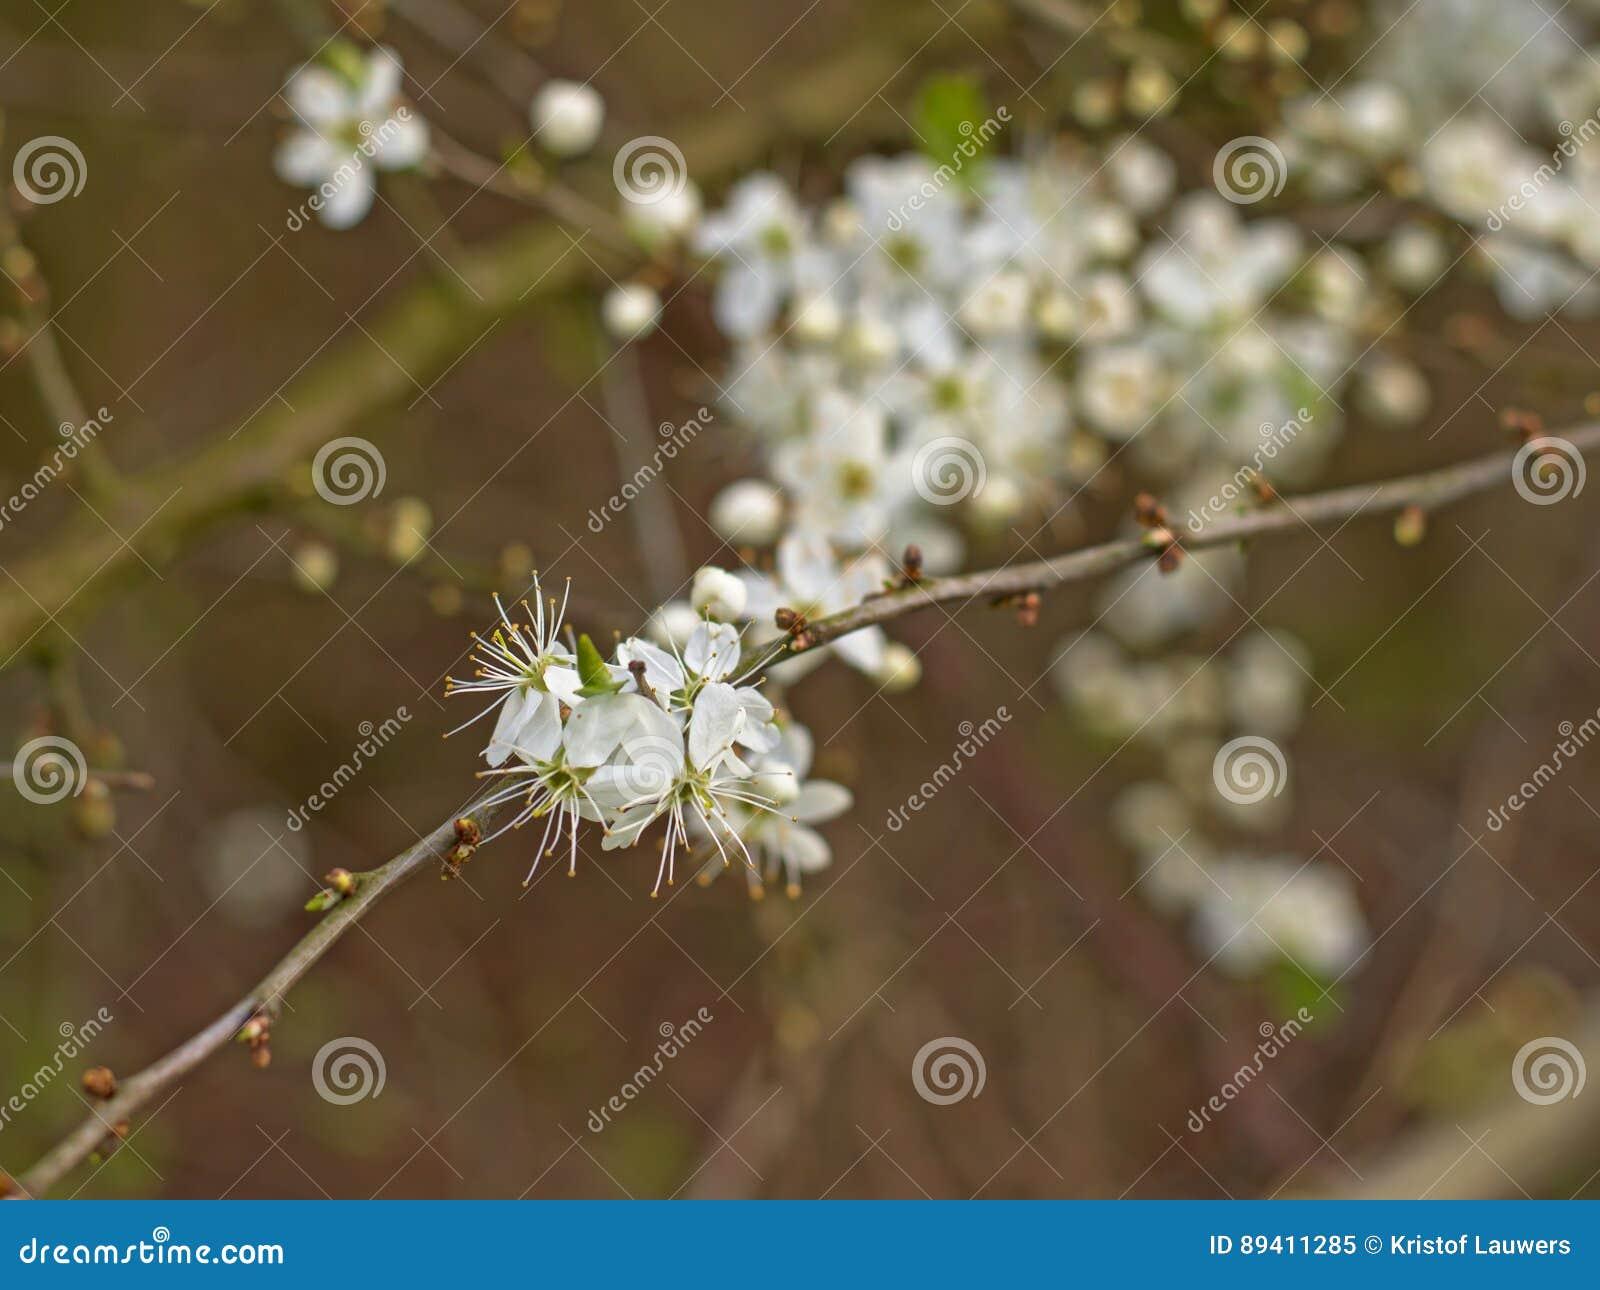 Flores de cerejeira brancas, foco seletivo - Prunus